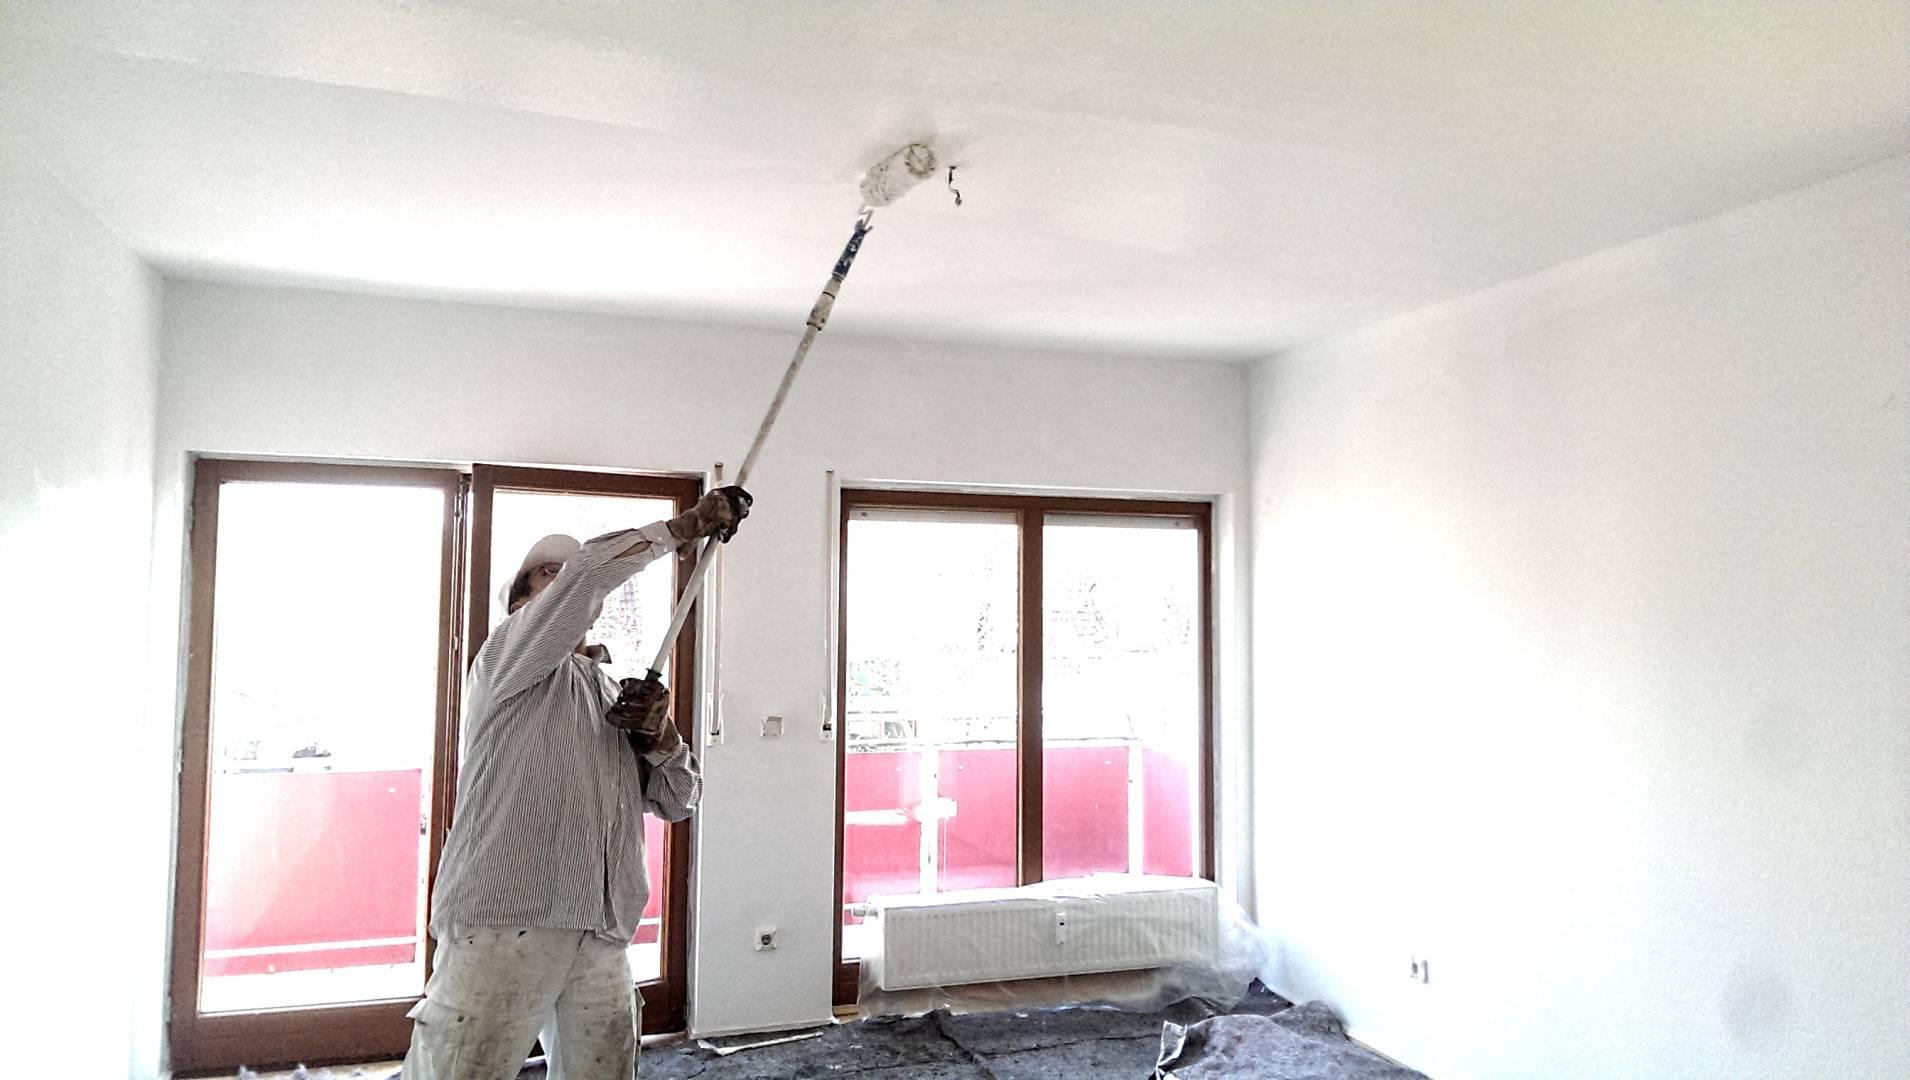 Malerarbeiten Frankfurt renovierungen und montageservice beim umzug räumungen taunus